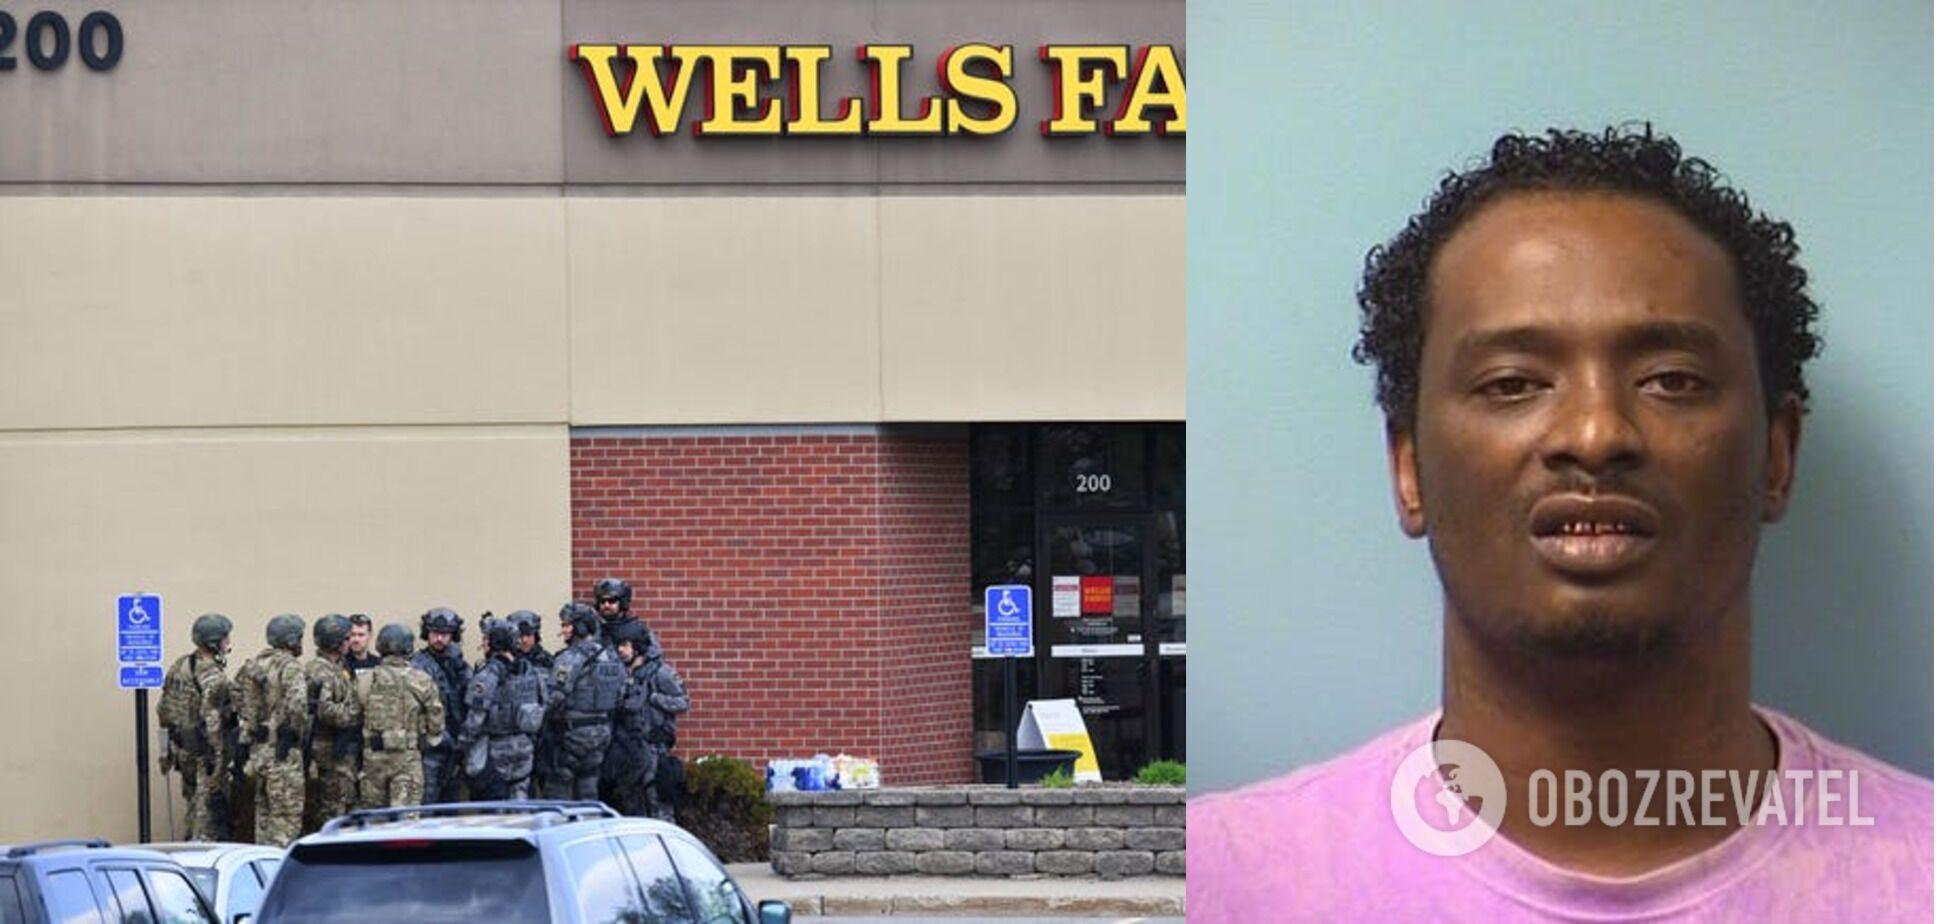 У нападі на банк підозрюють раніше судимого американця